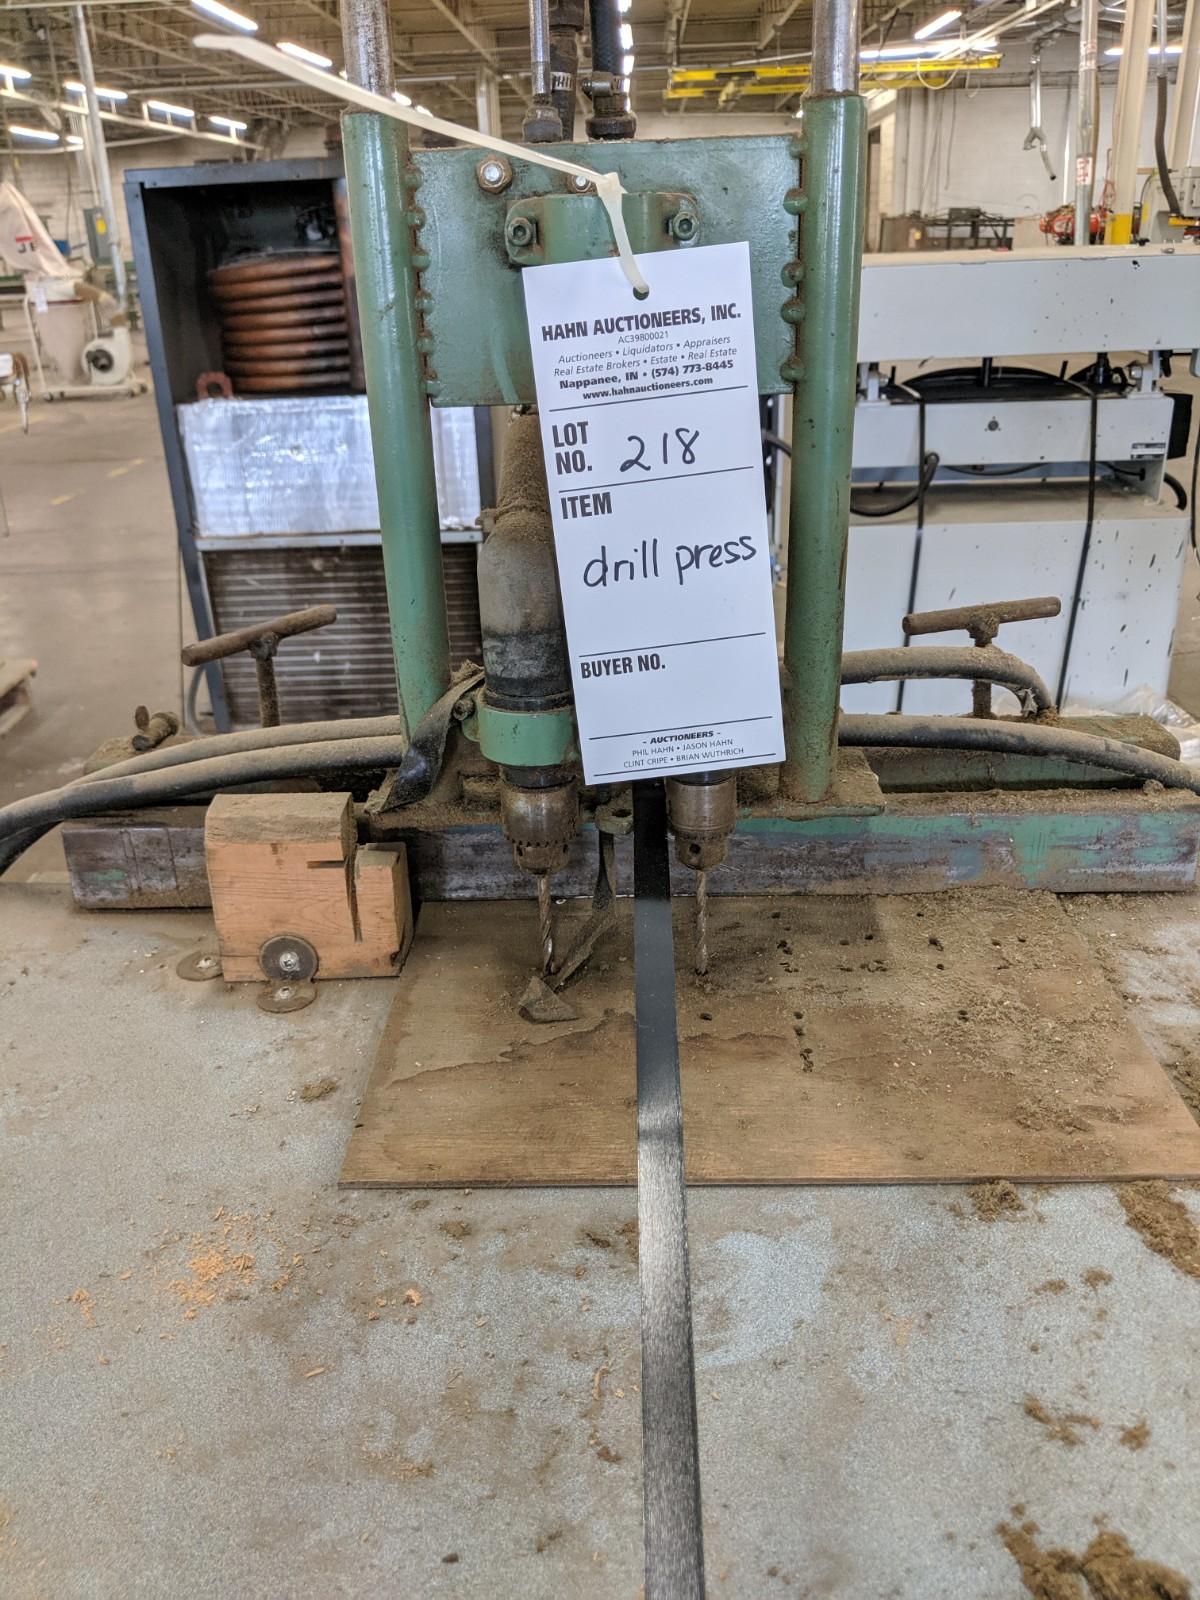 Lot 218 - Pneumatic Drill Press